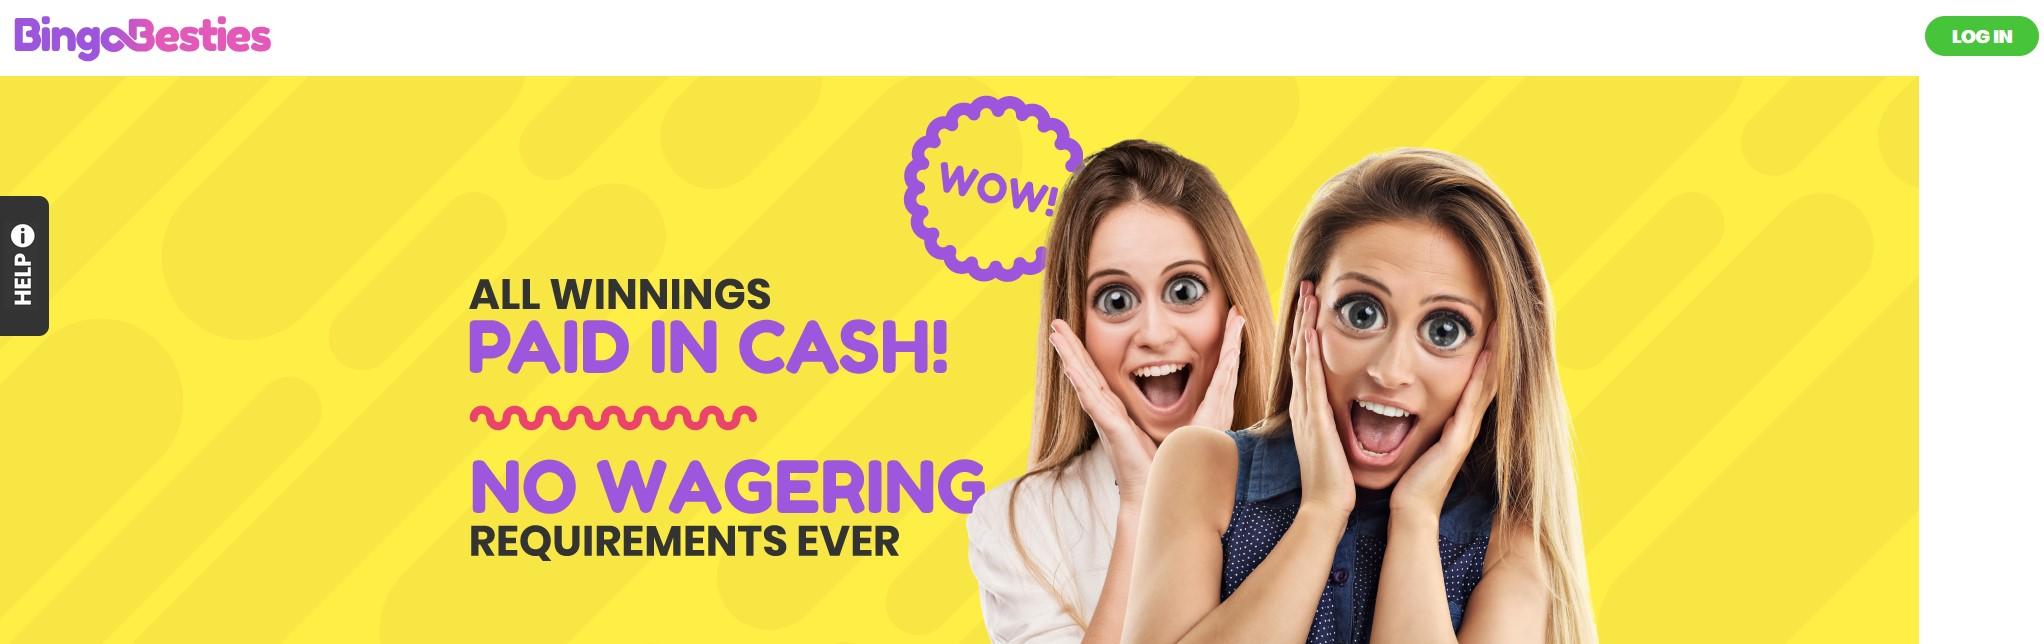 Bingo Besties Website